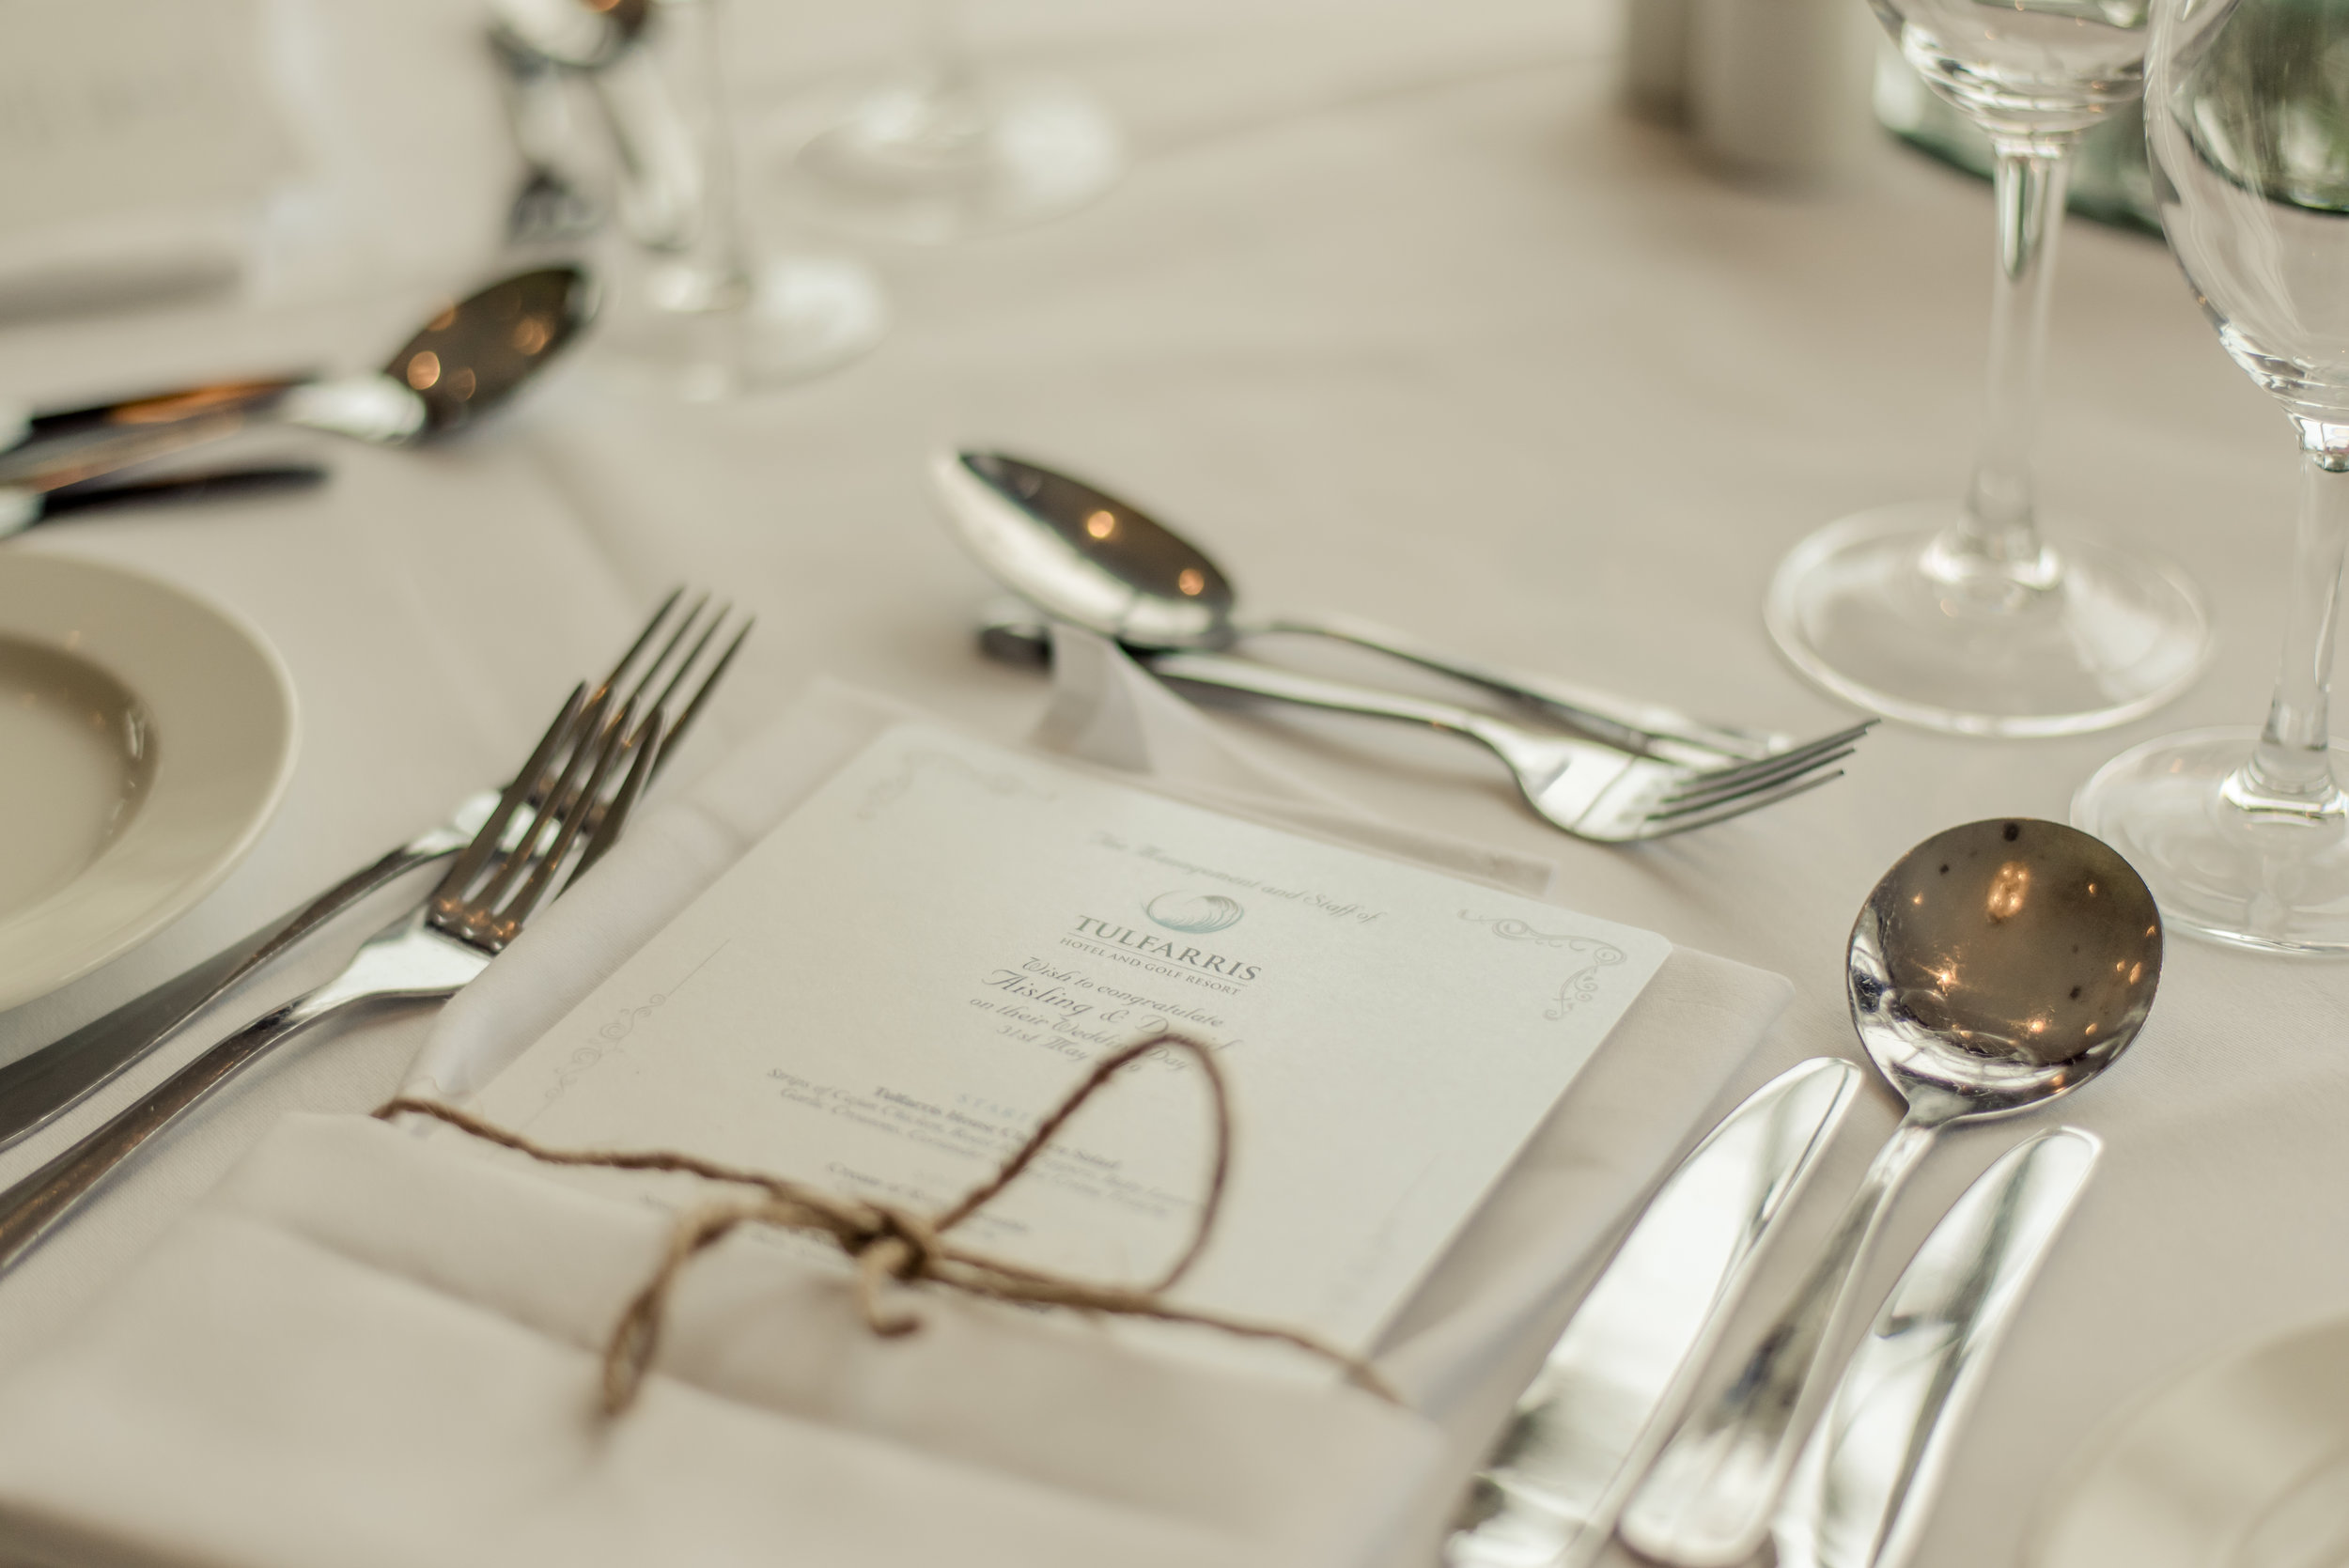 Tulfarris Hotel & Golf Resort intimate wedding dinner menu.jpg